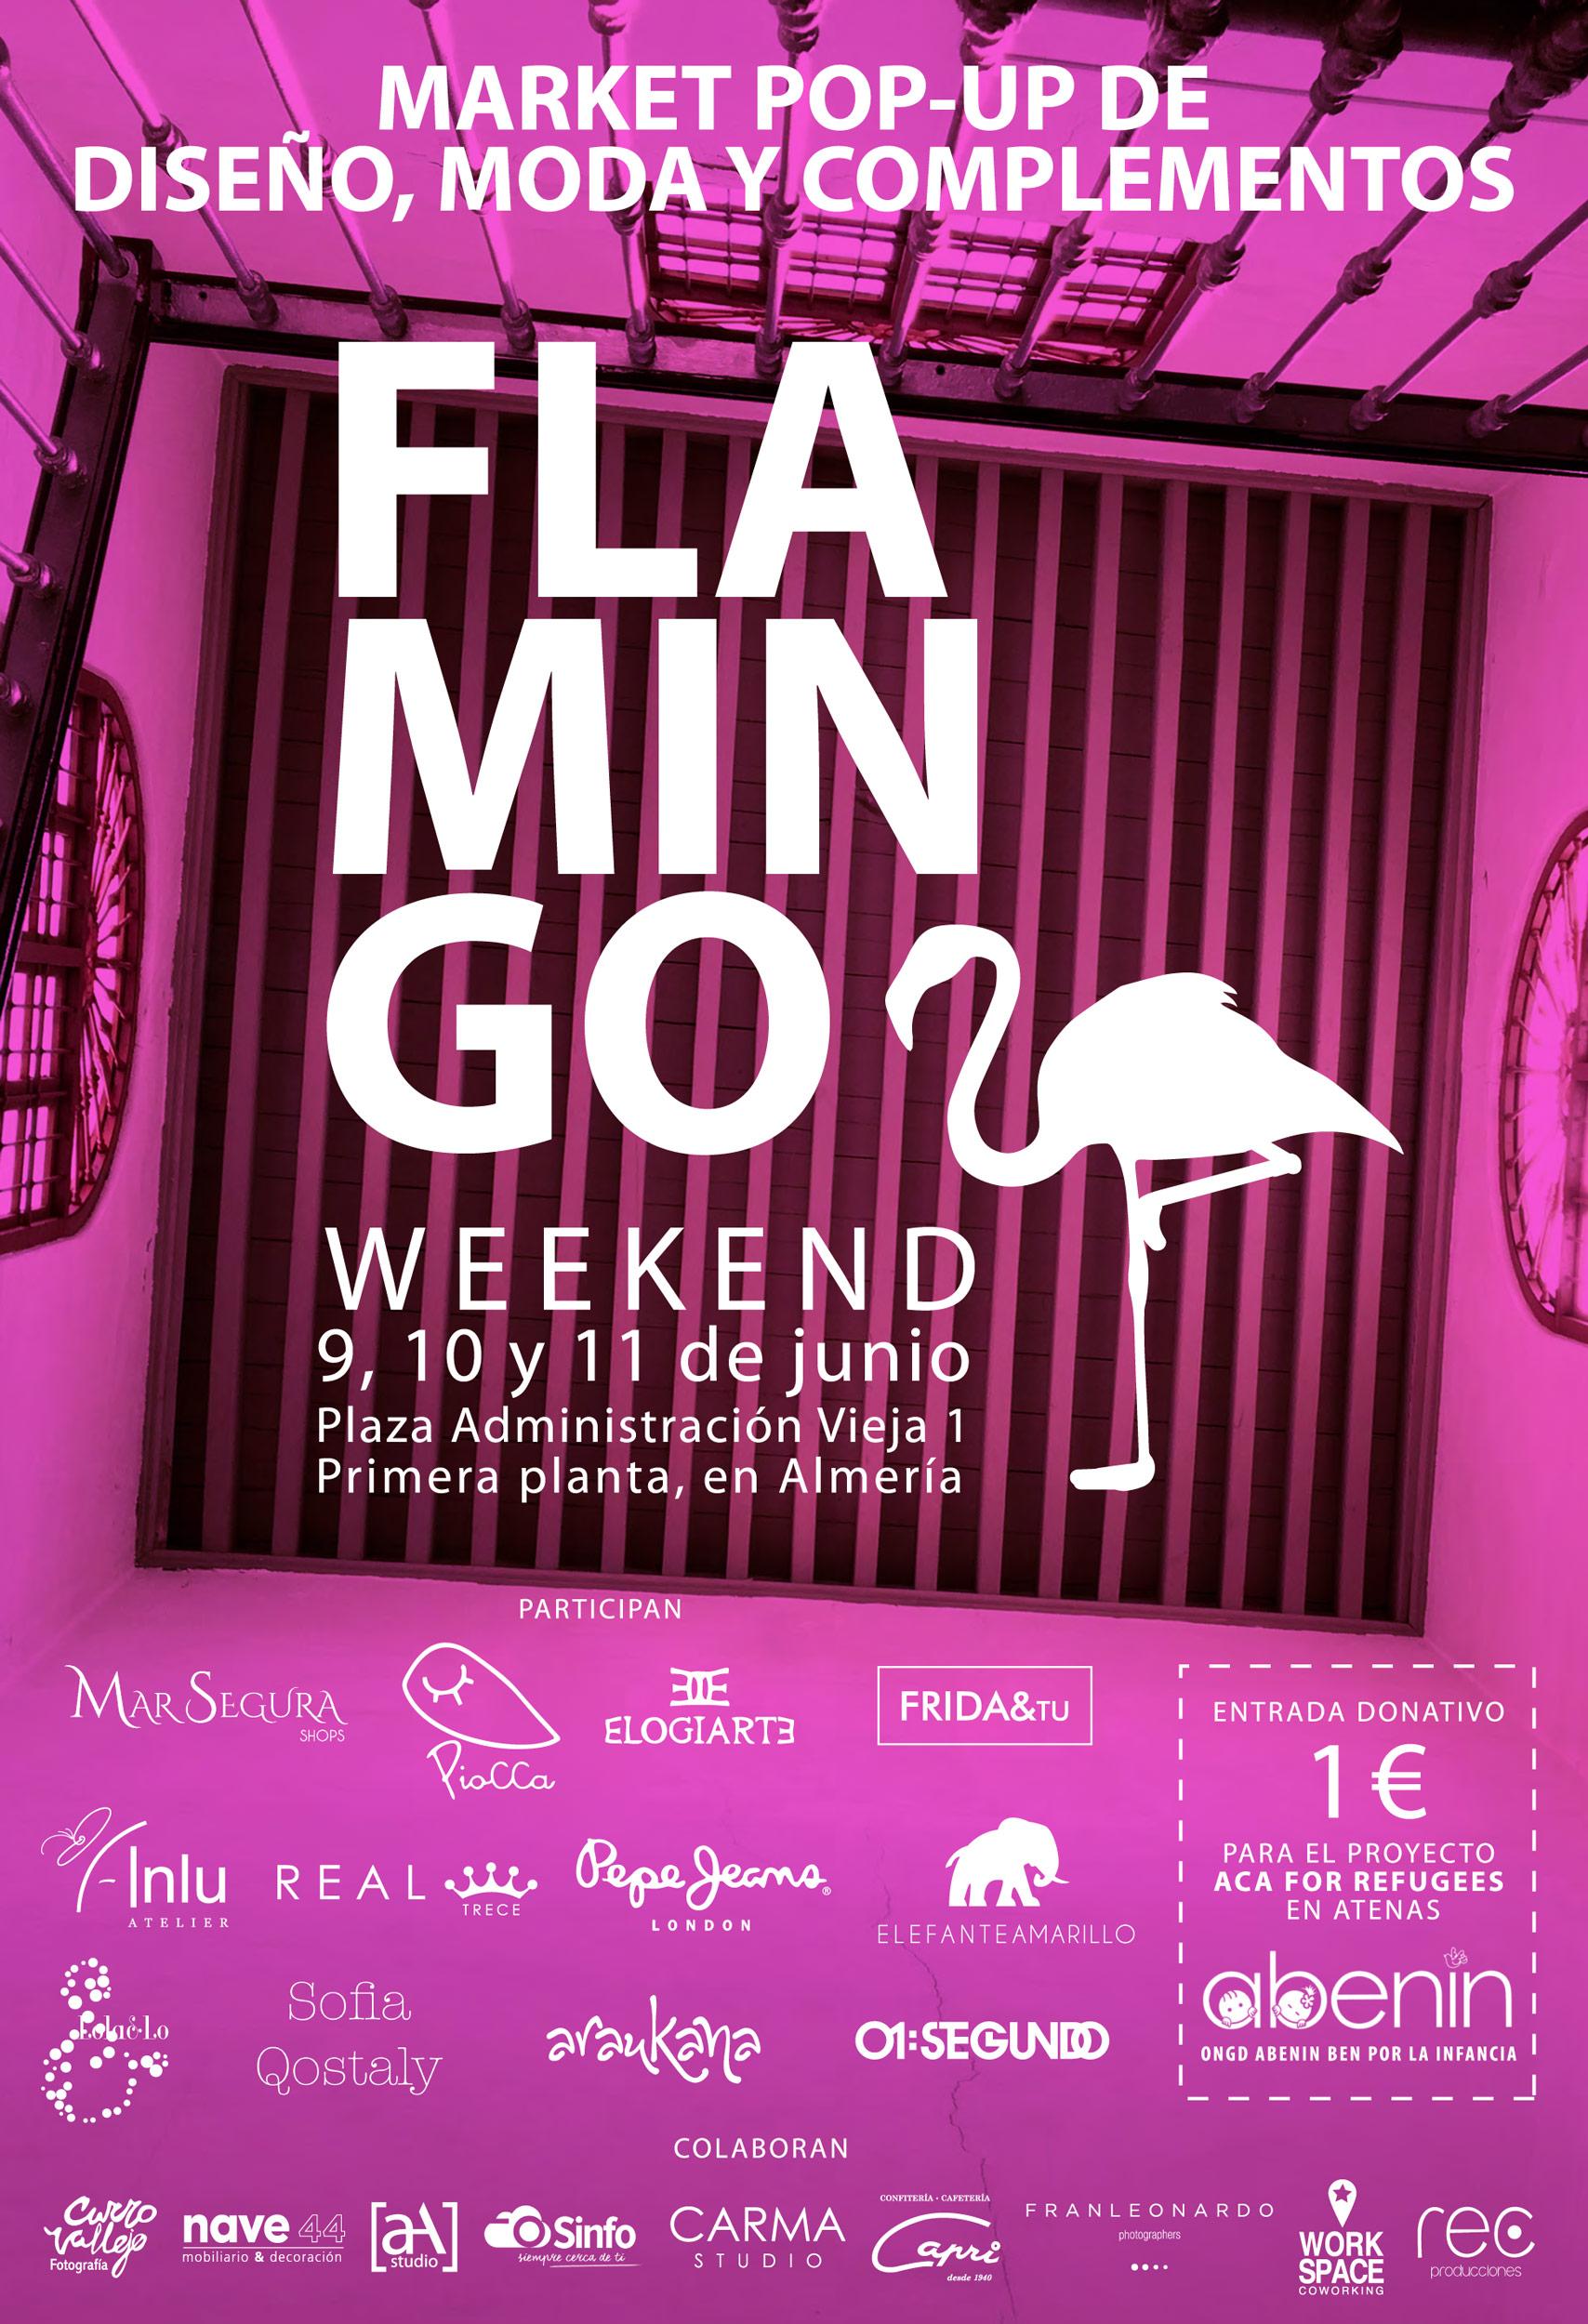 Flamingo weekend 9,10,11 de junio